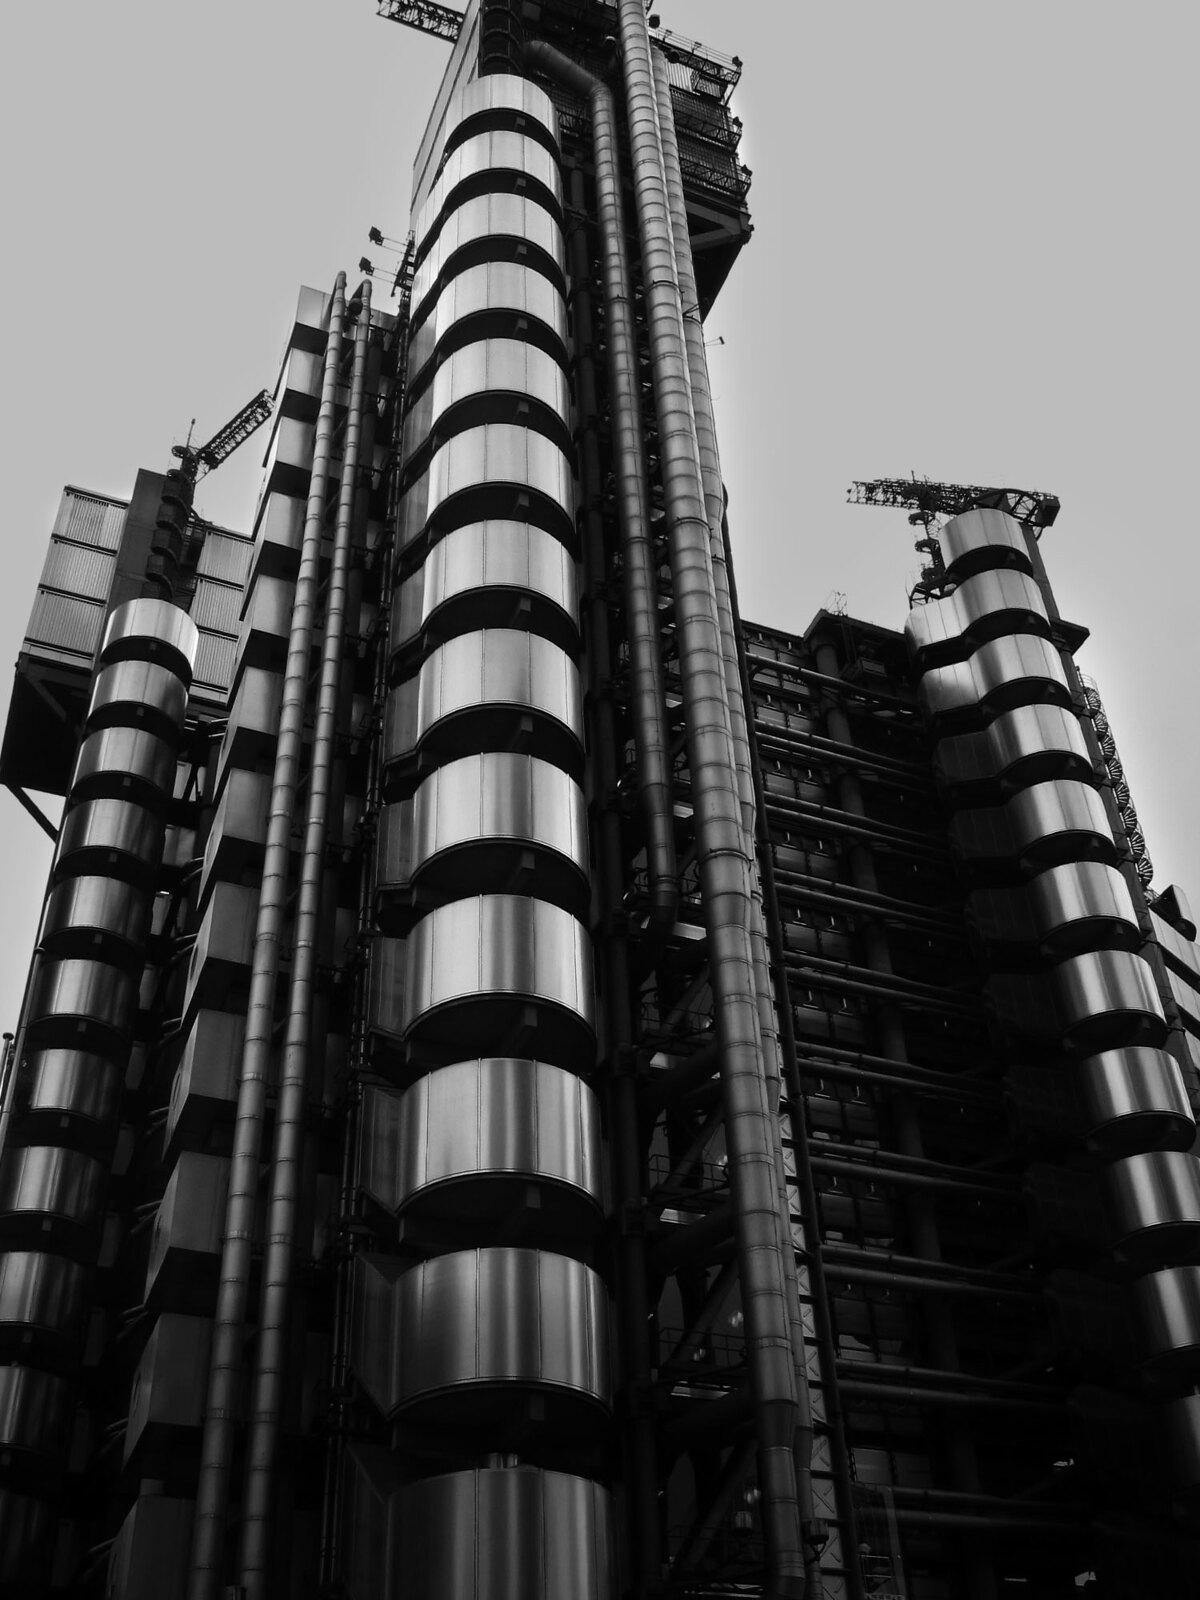 London 177